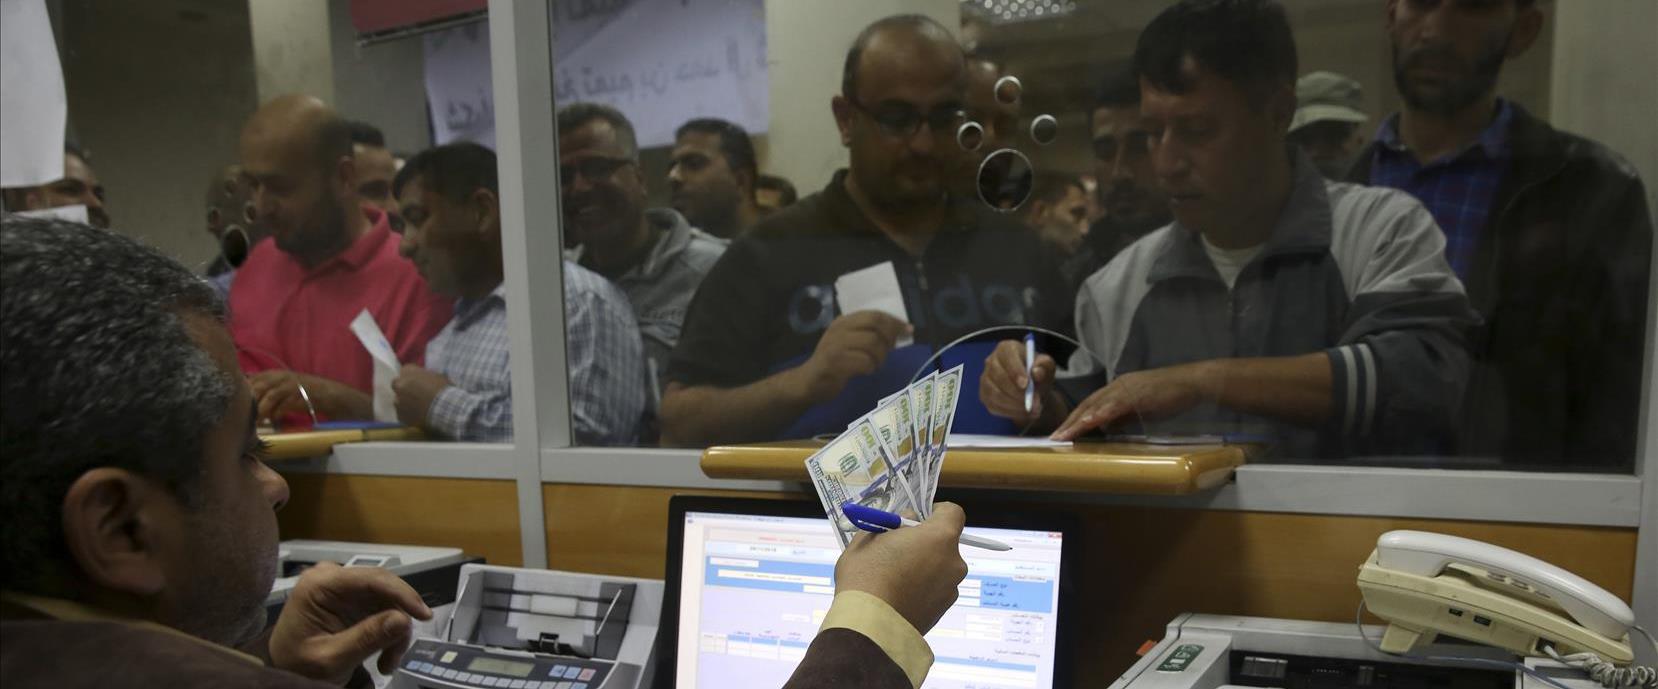 חלוקת כסף קטרי ברצועת עזה